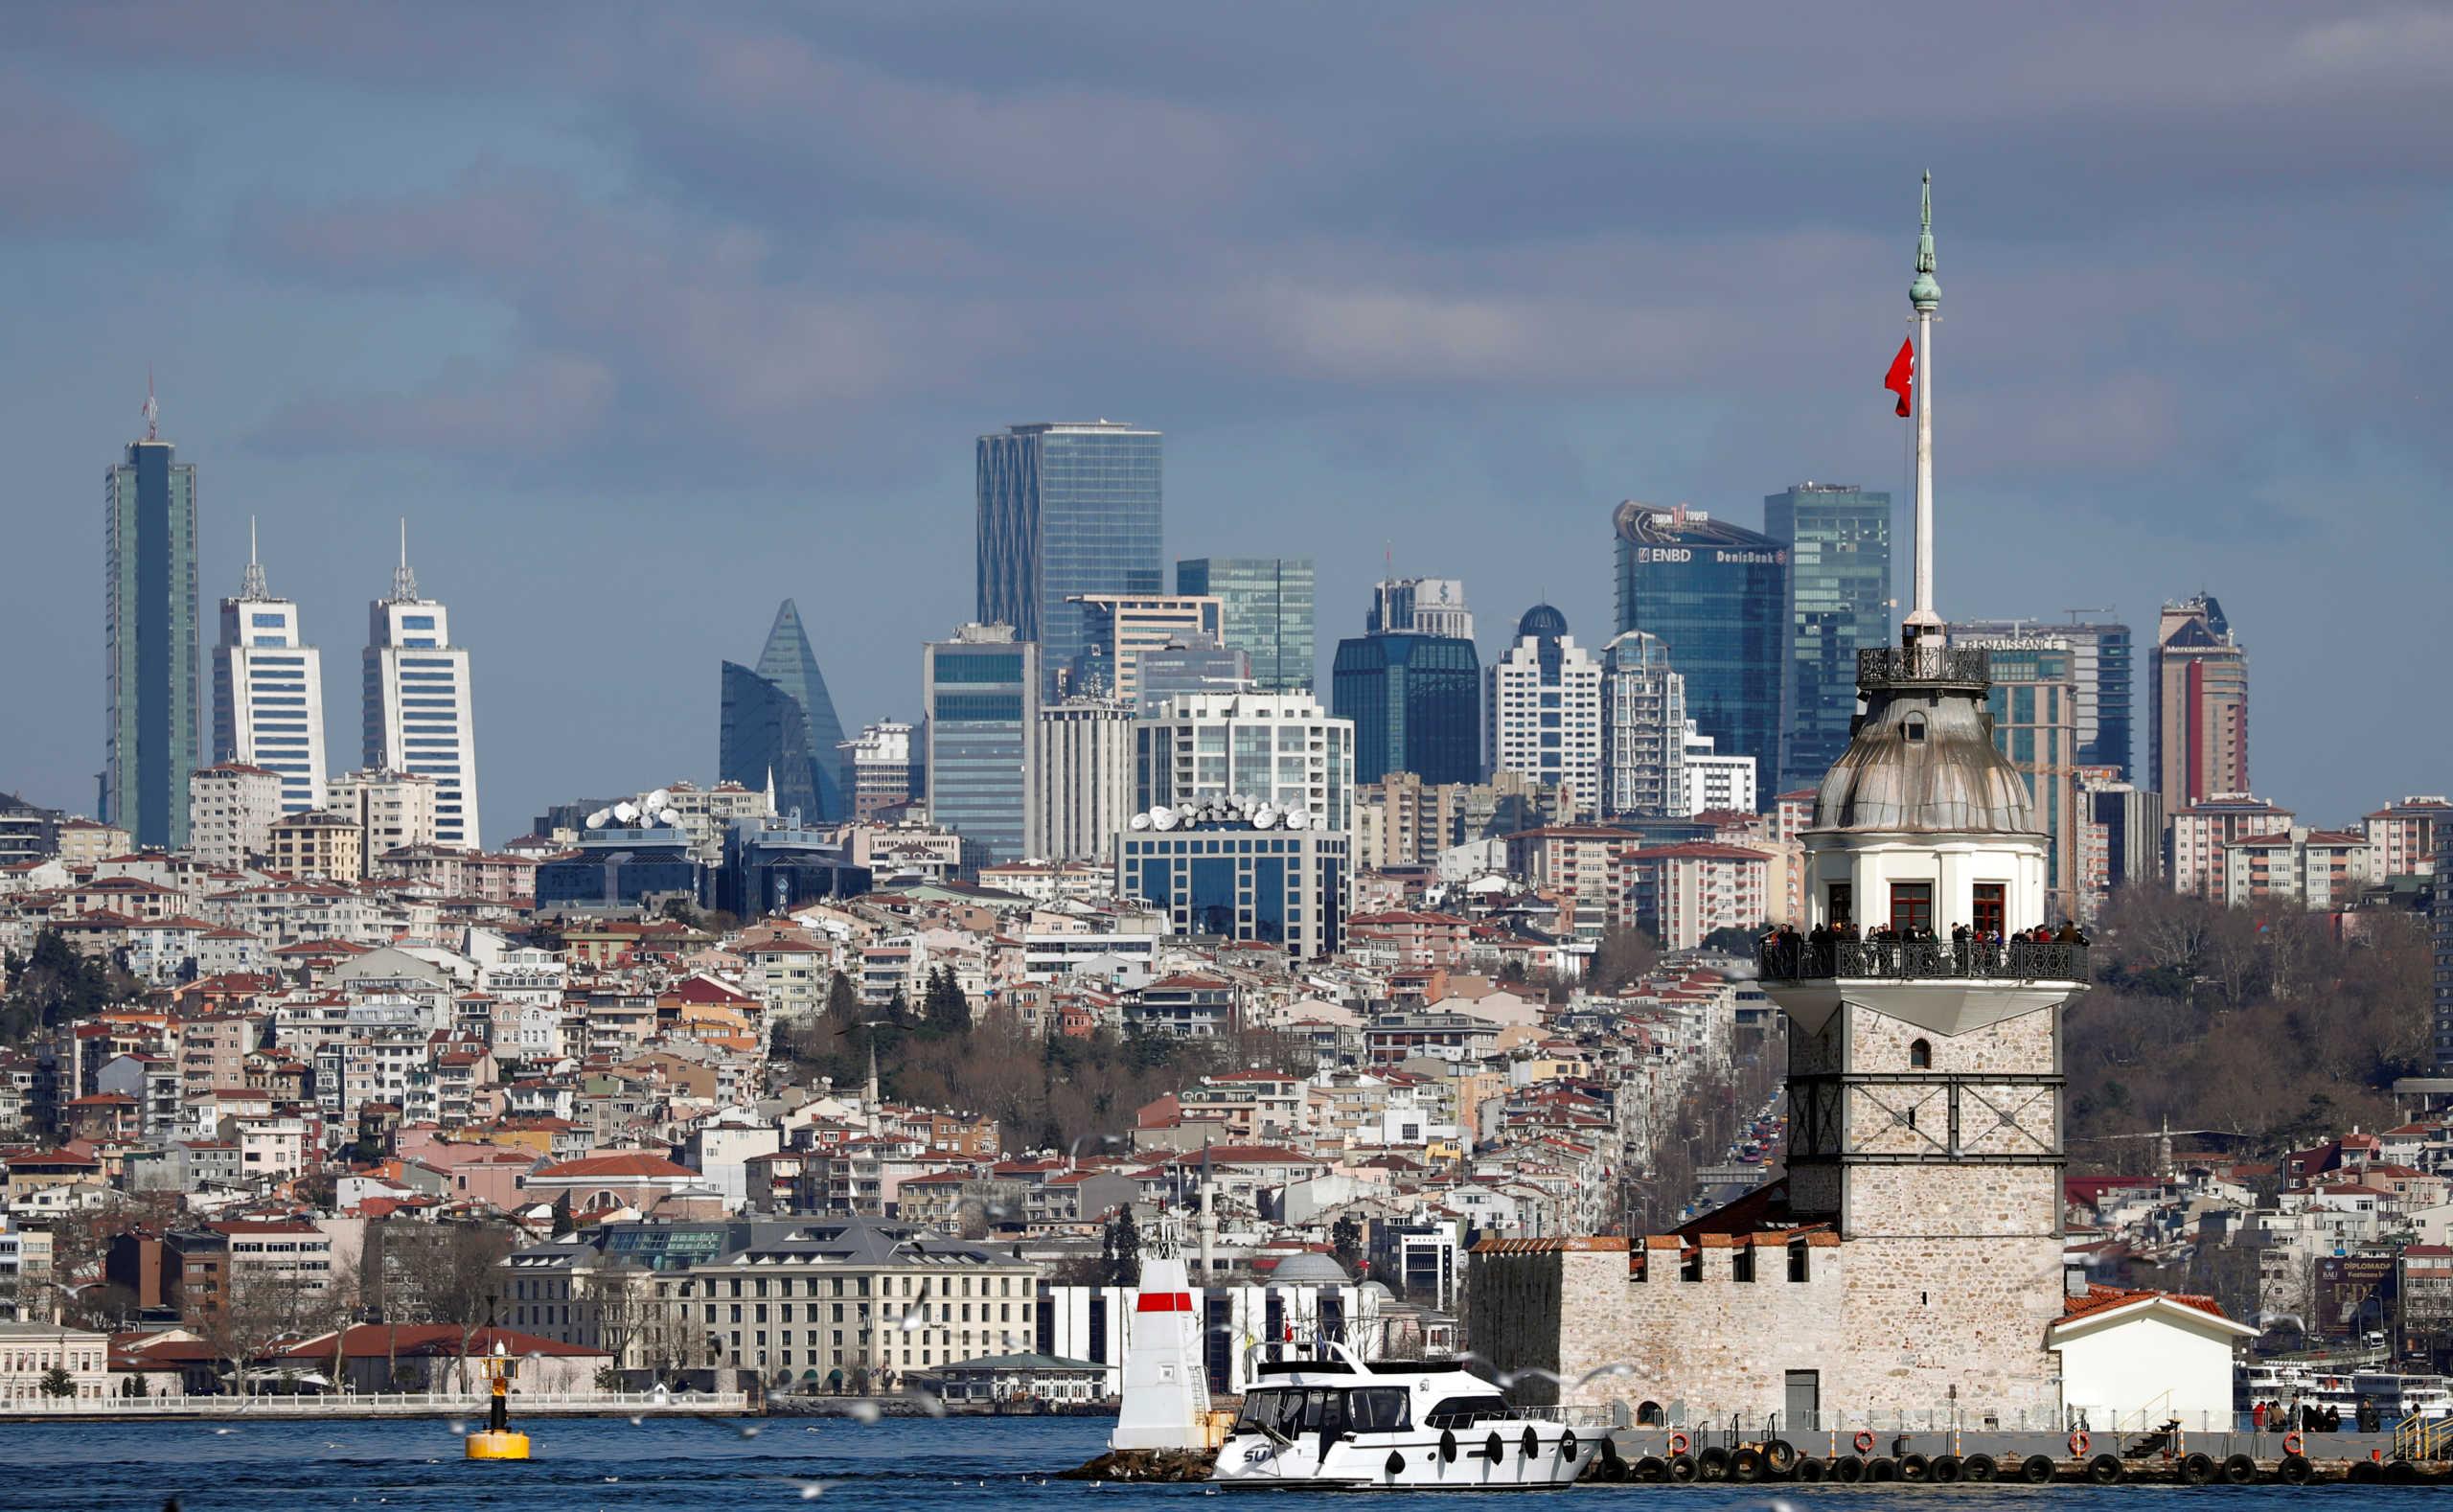 Λέκκας: Όσο αργεί ο σεισμός στην Κωνσταντινούπολη, είναι χειρότερα